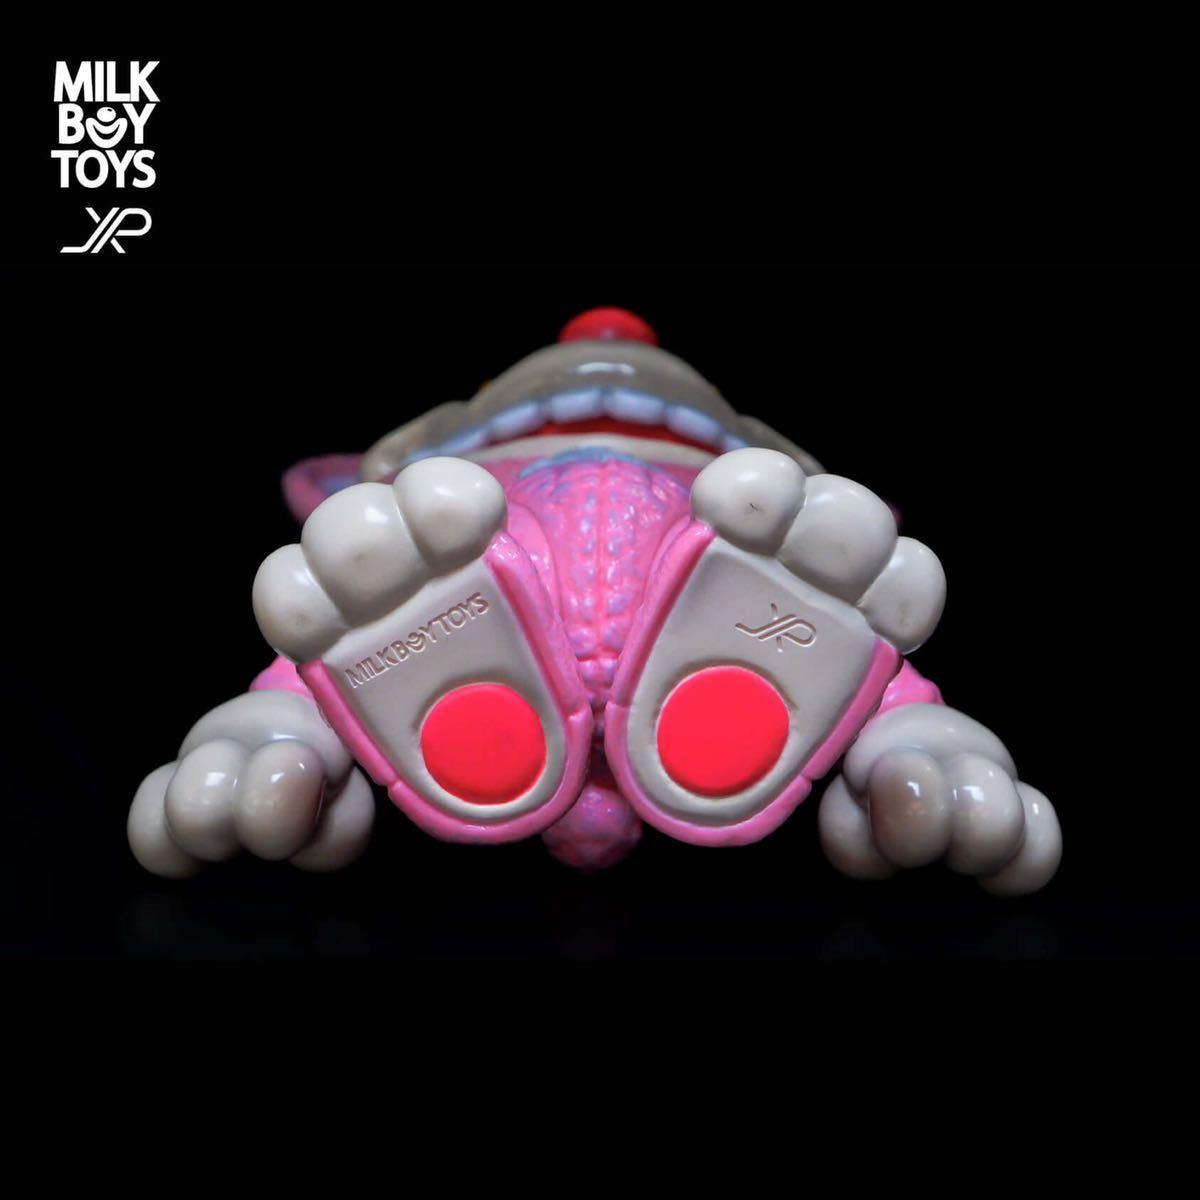 新品 JPX x MILKBOY TOYS IT BEAR the animated TOYS itbear kenth toy works BLACK PEARLS イットベアー ミルクボーイトイズ ソフビ_画像3